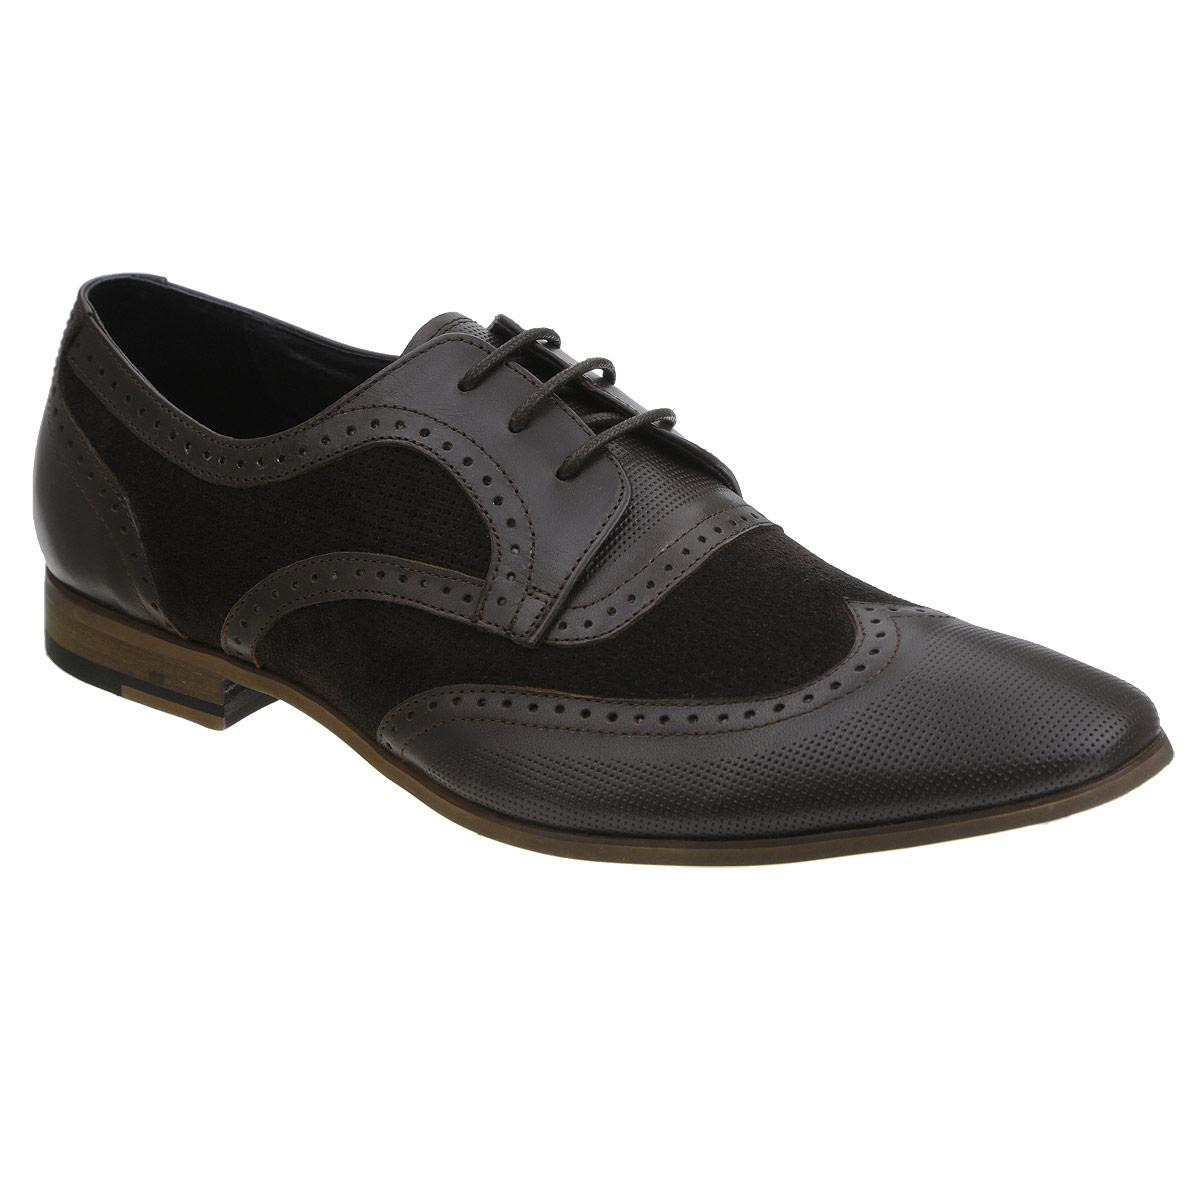 Туфли мужские. 110-17-0110-17-01Элегантные мужские туфли от Dino Ricci займут достойное место среди вашей коллекции обуви. Модель стилизована под броги и выполнена из натуральной высококачественной кожи. Изделие декорировано перфорацией. Шнуровка позволяет прочно зафиксировать модель на ноге. Стелька из натуральной кожи оснащена перфорацией, позволяющей вашим ногам дышать. Умеренной высоты каблук и подошва стилизованы под дерево и оснащены противоскользящим рифлением. Стильные туфли прекрасно дополнят ваш деловой образ.